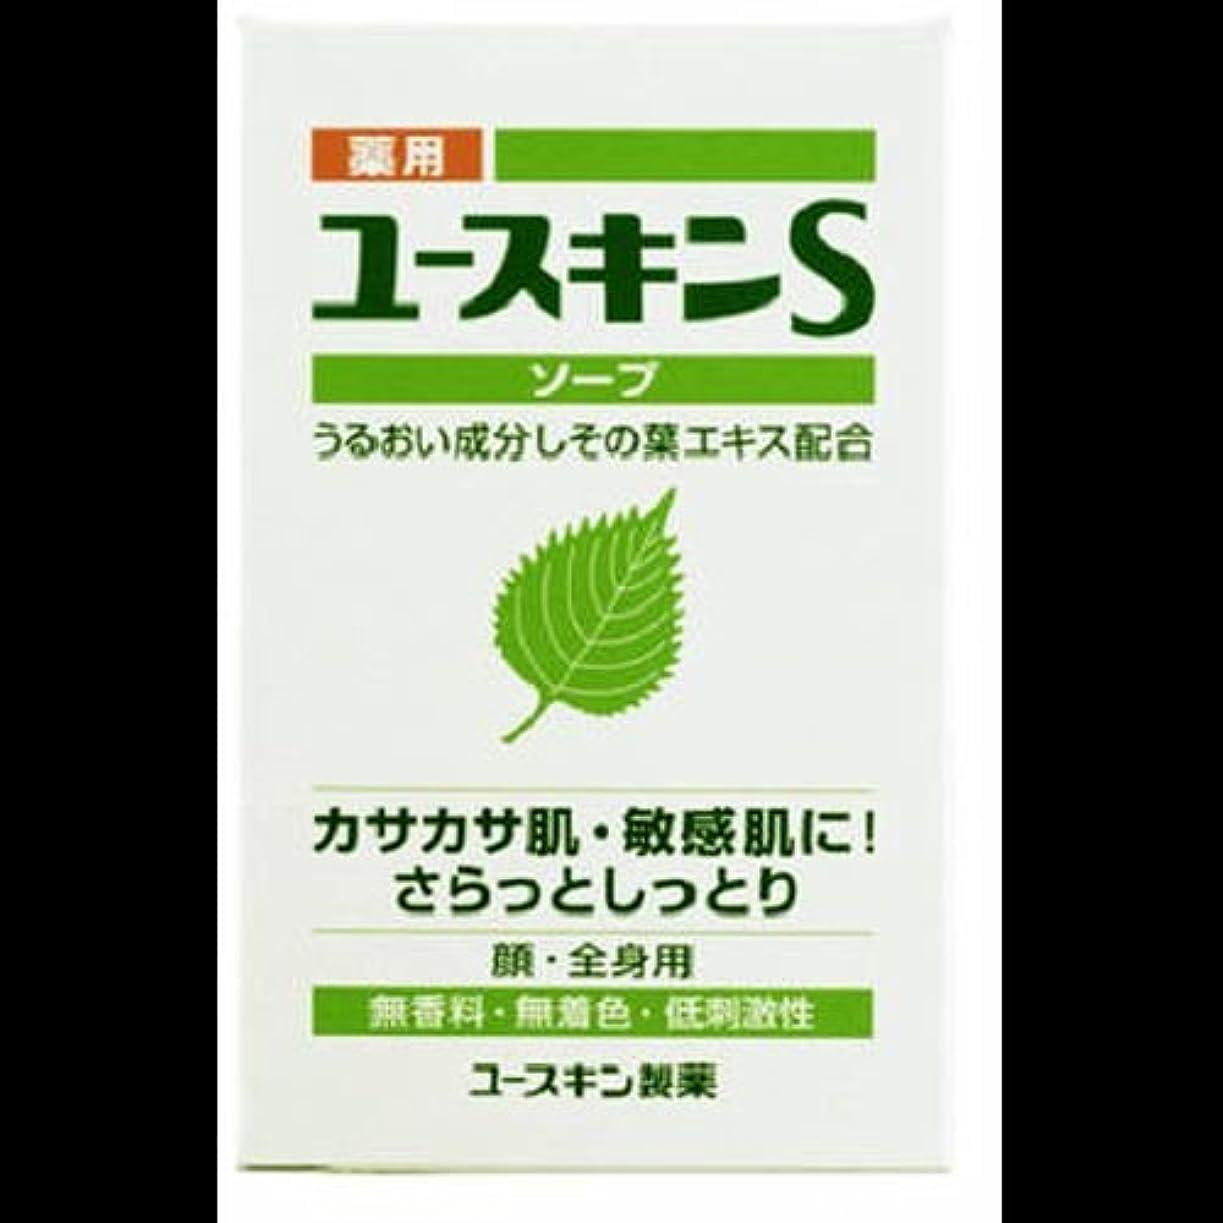 創傷フォアマン書き出す【まとめ買い】Sソープ 90g ×2セット